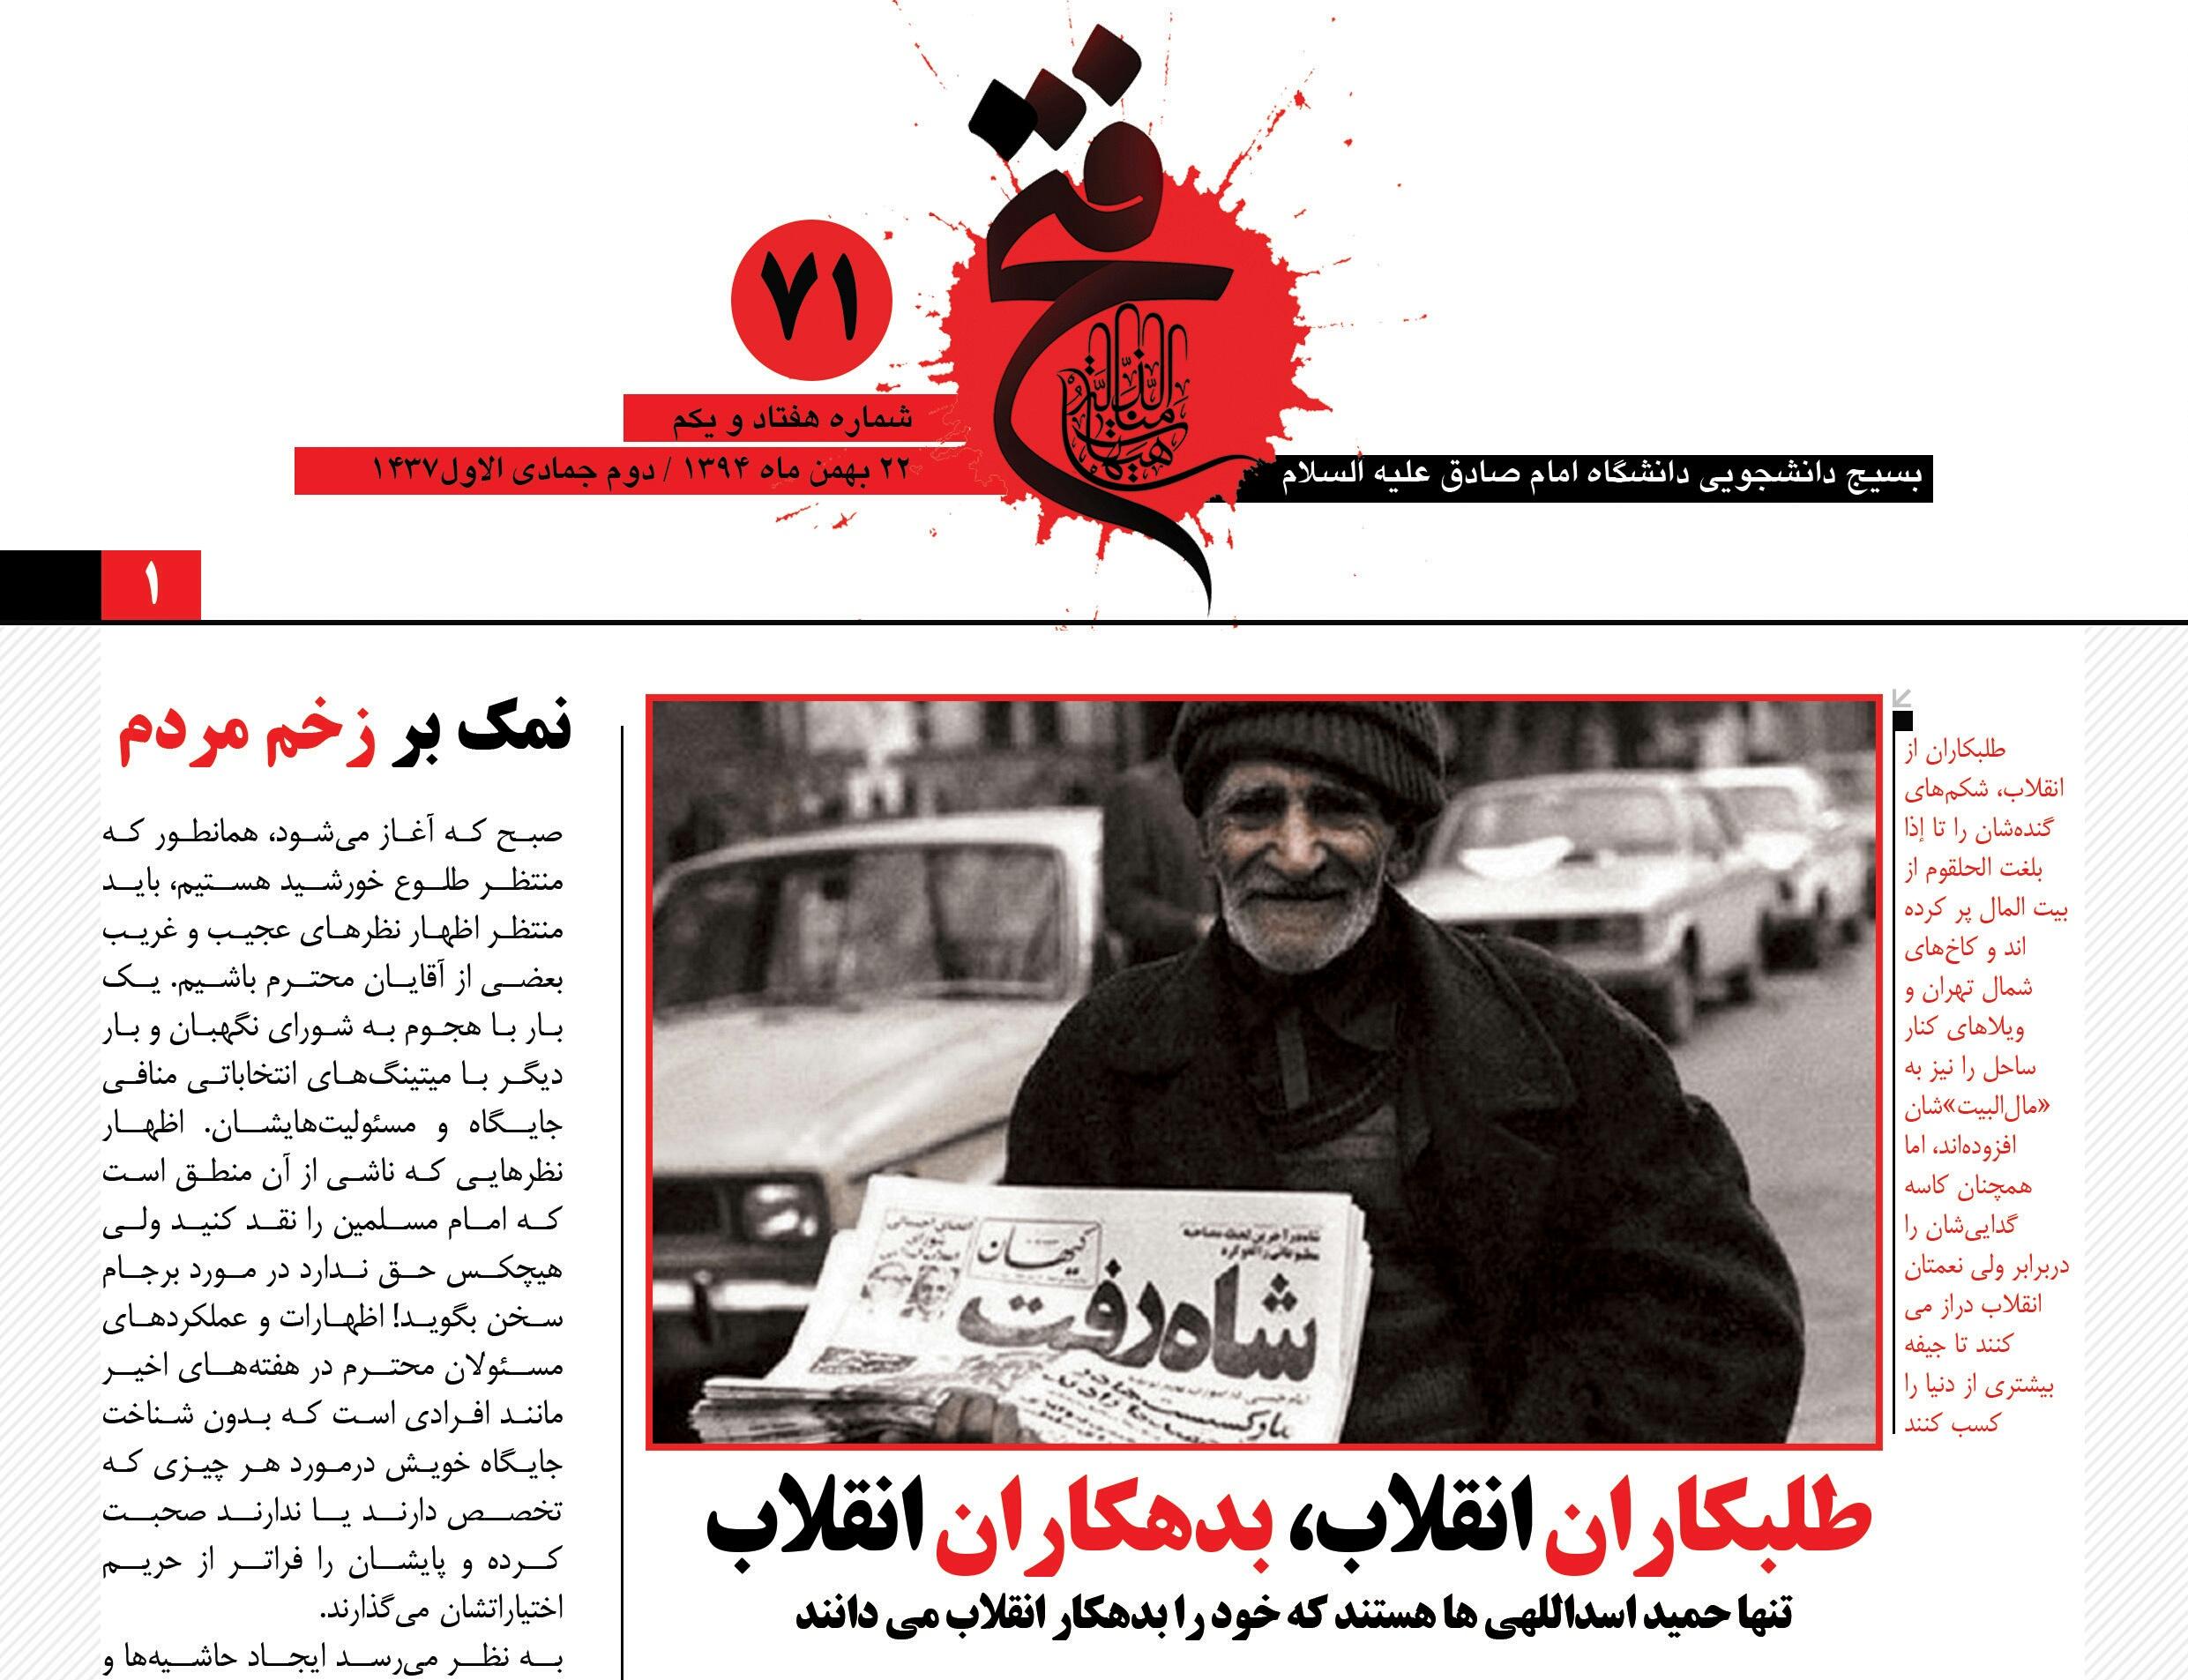 شماره 71 نشریه فتح ویژه نامه 22 بهمن منتشر شد